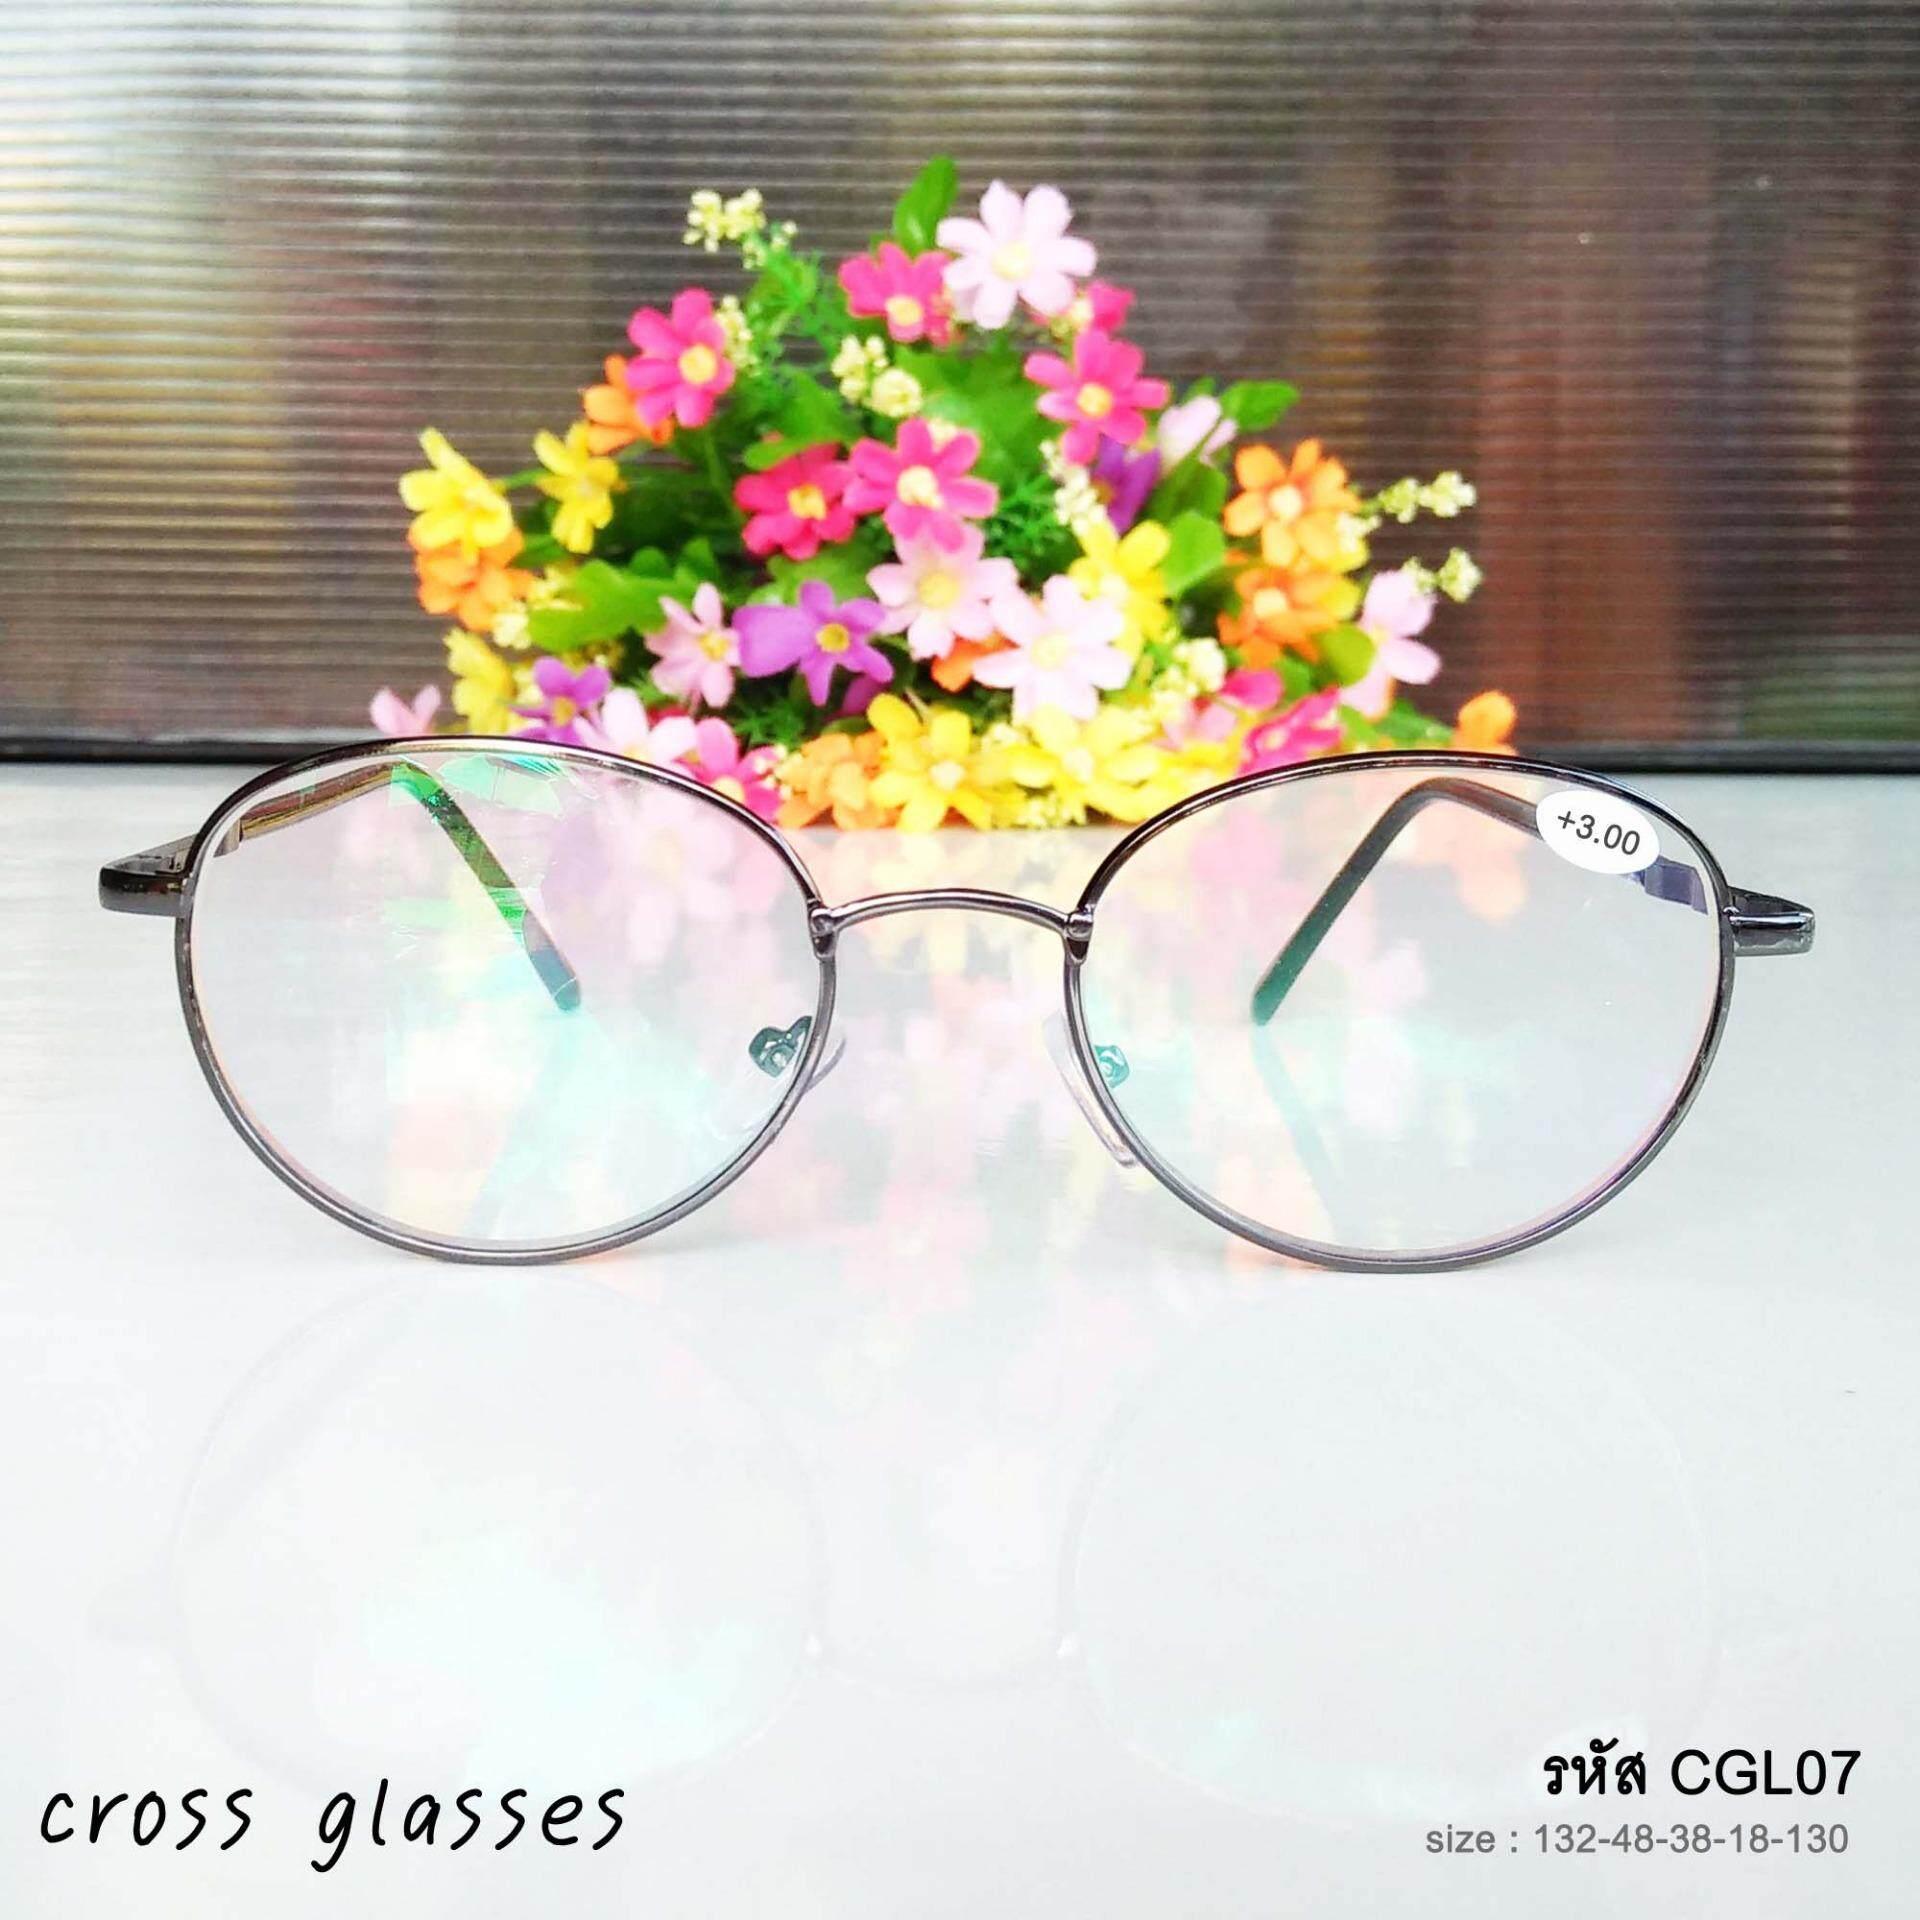 ทบทวน ที่สุด แว่นสายตายาว 3 00 เลนส์กรองแสง ทรงหยดน้ำ รหัส Cgl07